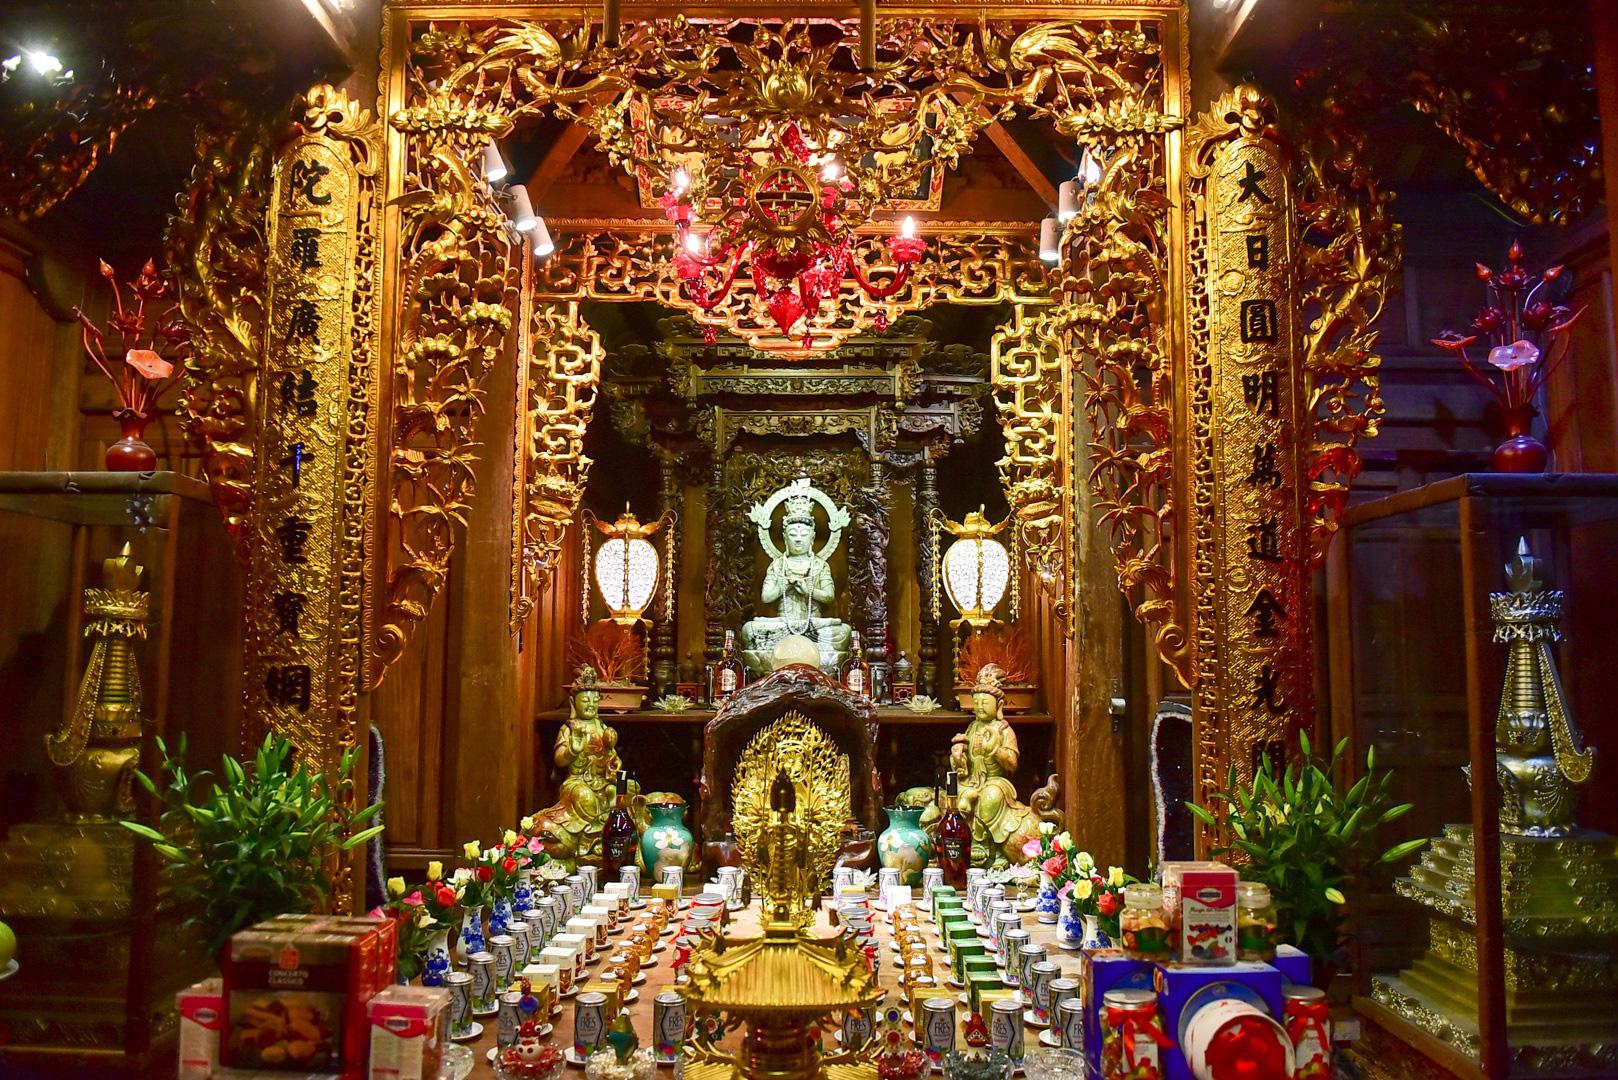 Tượng Phật từ đá quý nguyên khối trong ngôi chùa nghìn năm tuổi ở Hà Nội - Ảnh 6.